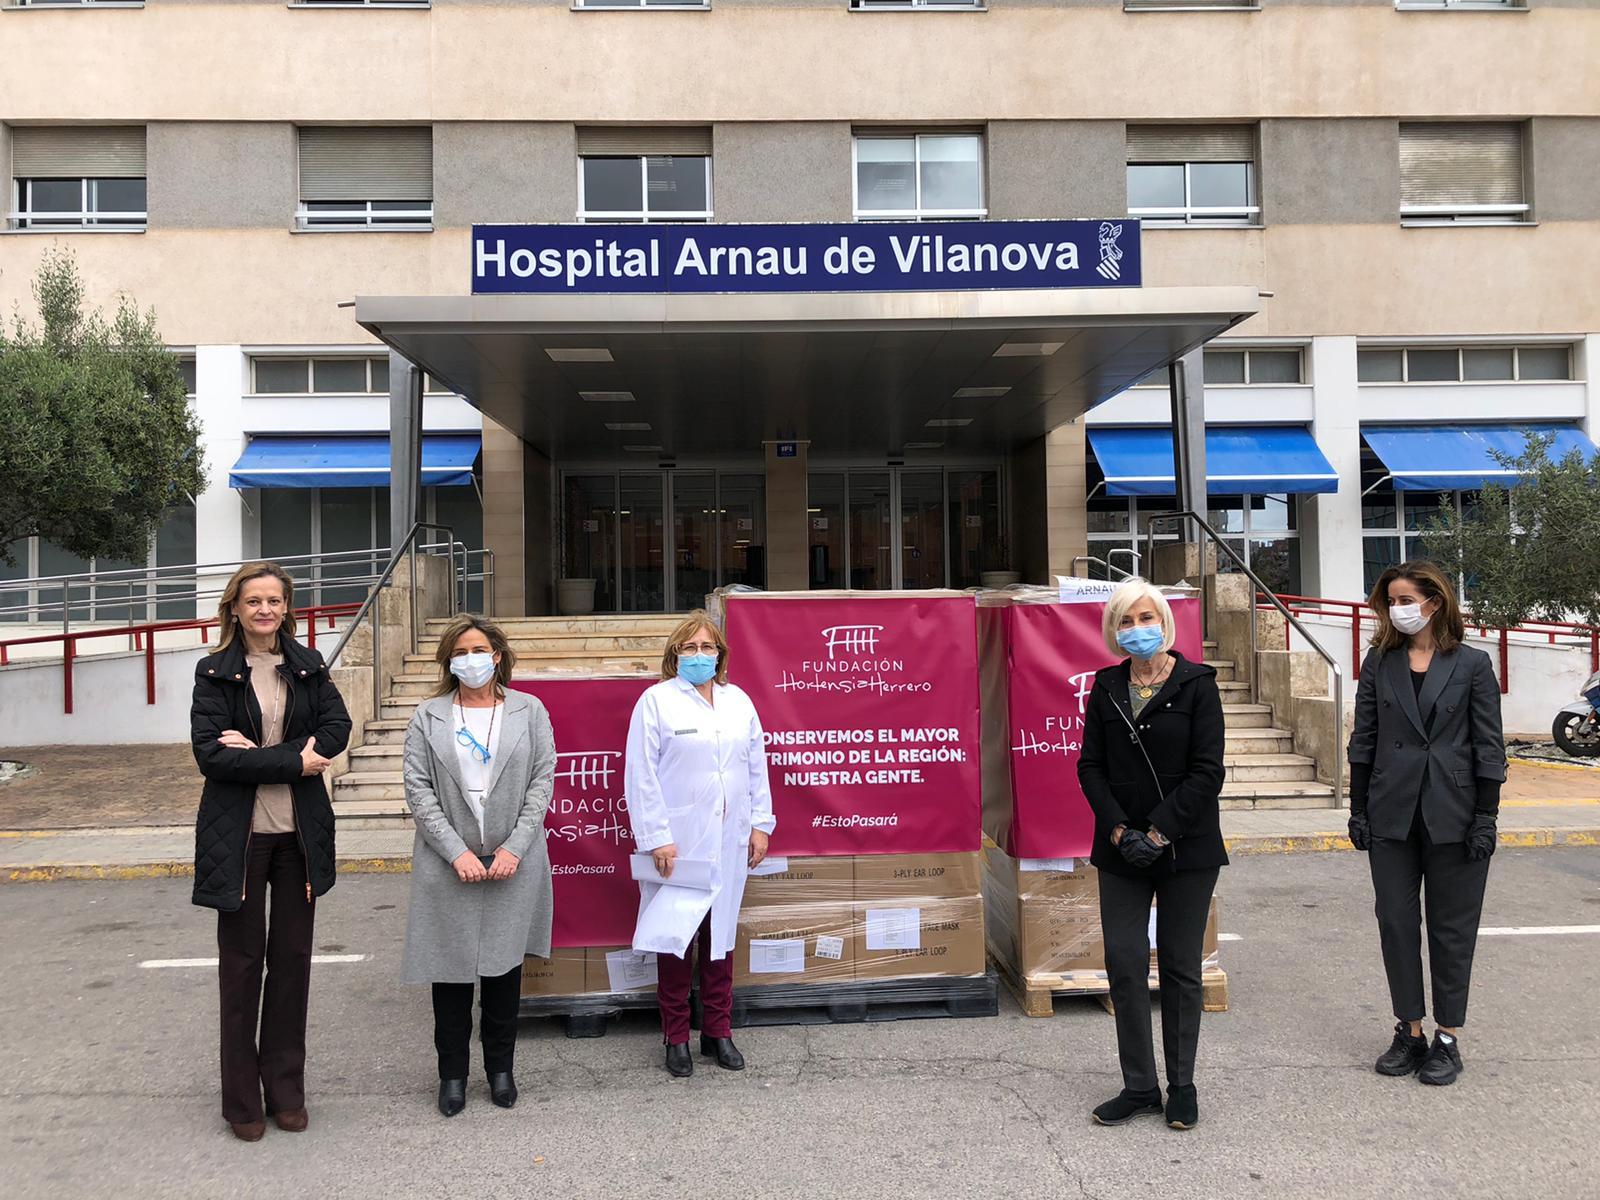 Hortensia Herrero, segunda por la derecha, y el equipo de dirección del Hospital Arnau de Vilanova, con las mascarillas donadas.